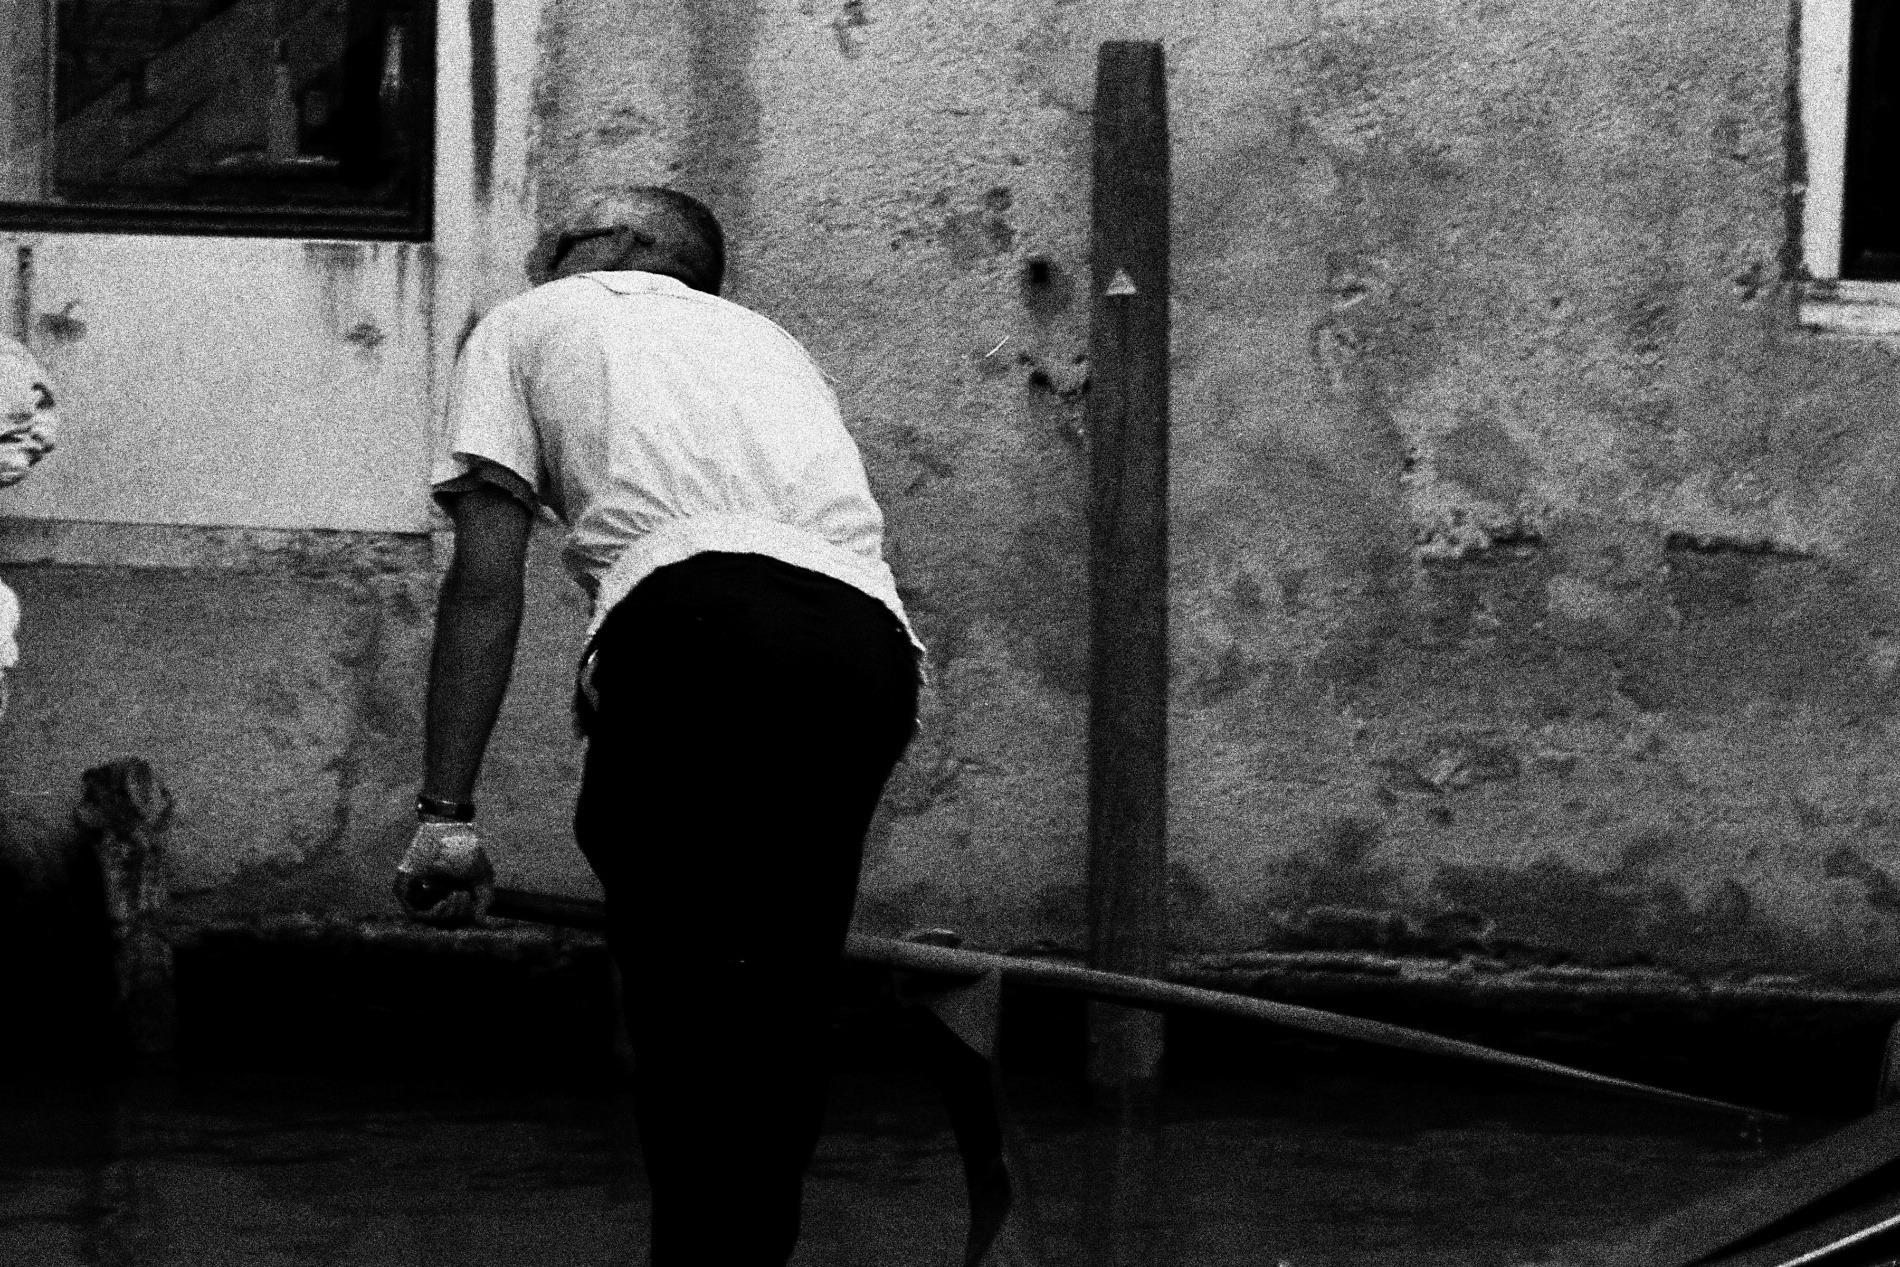 2013-05-22 at 12-15-50, street film venice.jpg